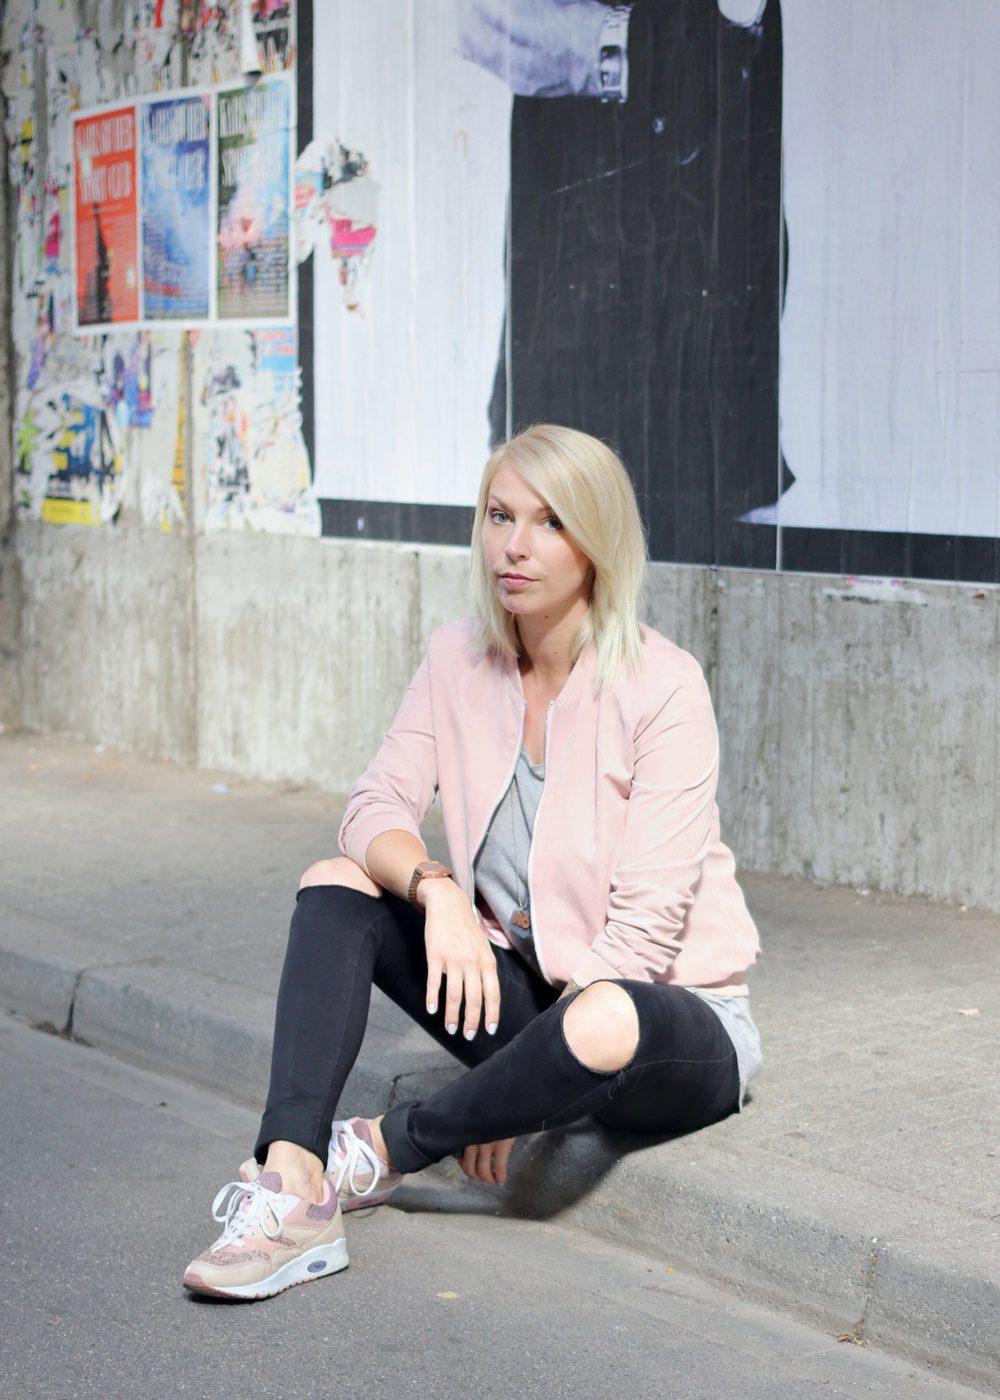 outfit-schwarze-skinnyjeans-rosa-blousonjacke-rose-sneaker-deichmann-pailetten-casio-uhr-rose-6